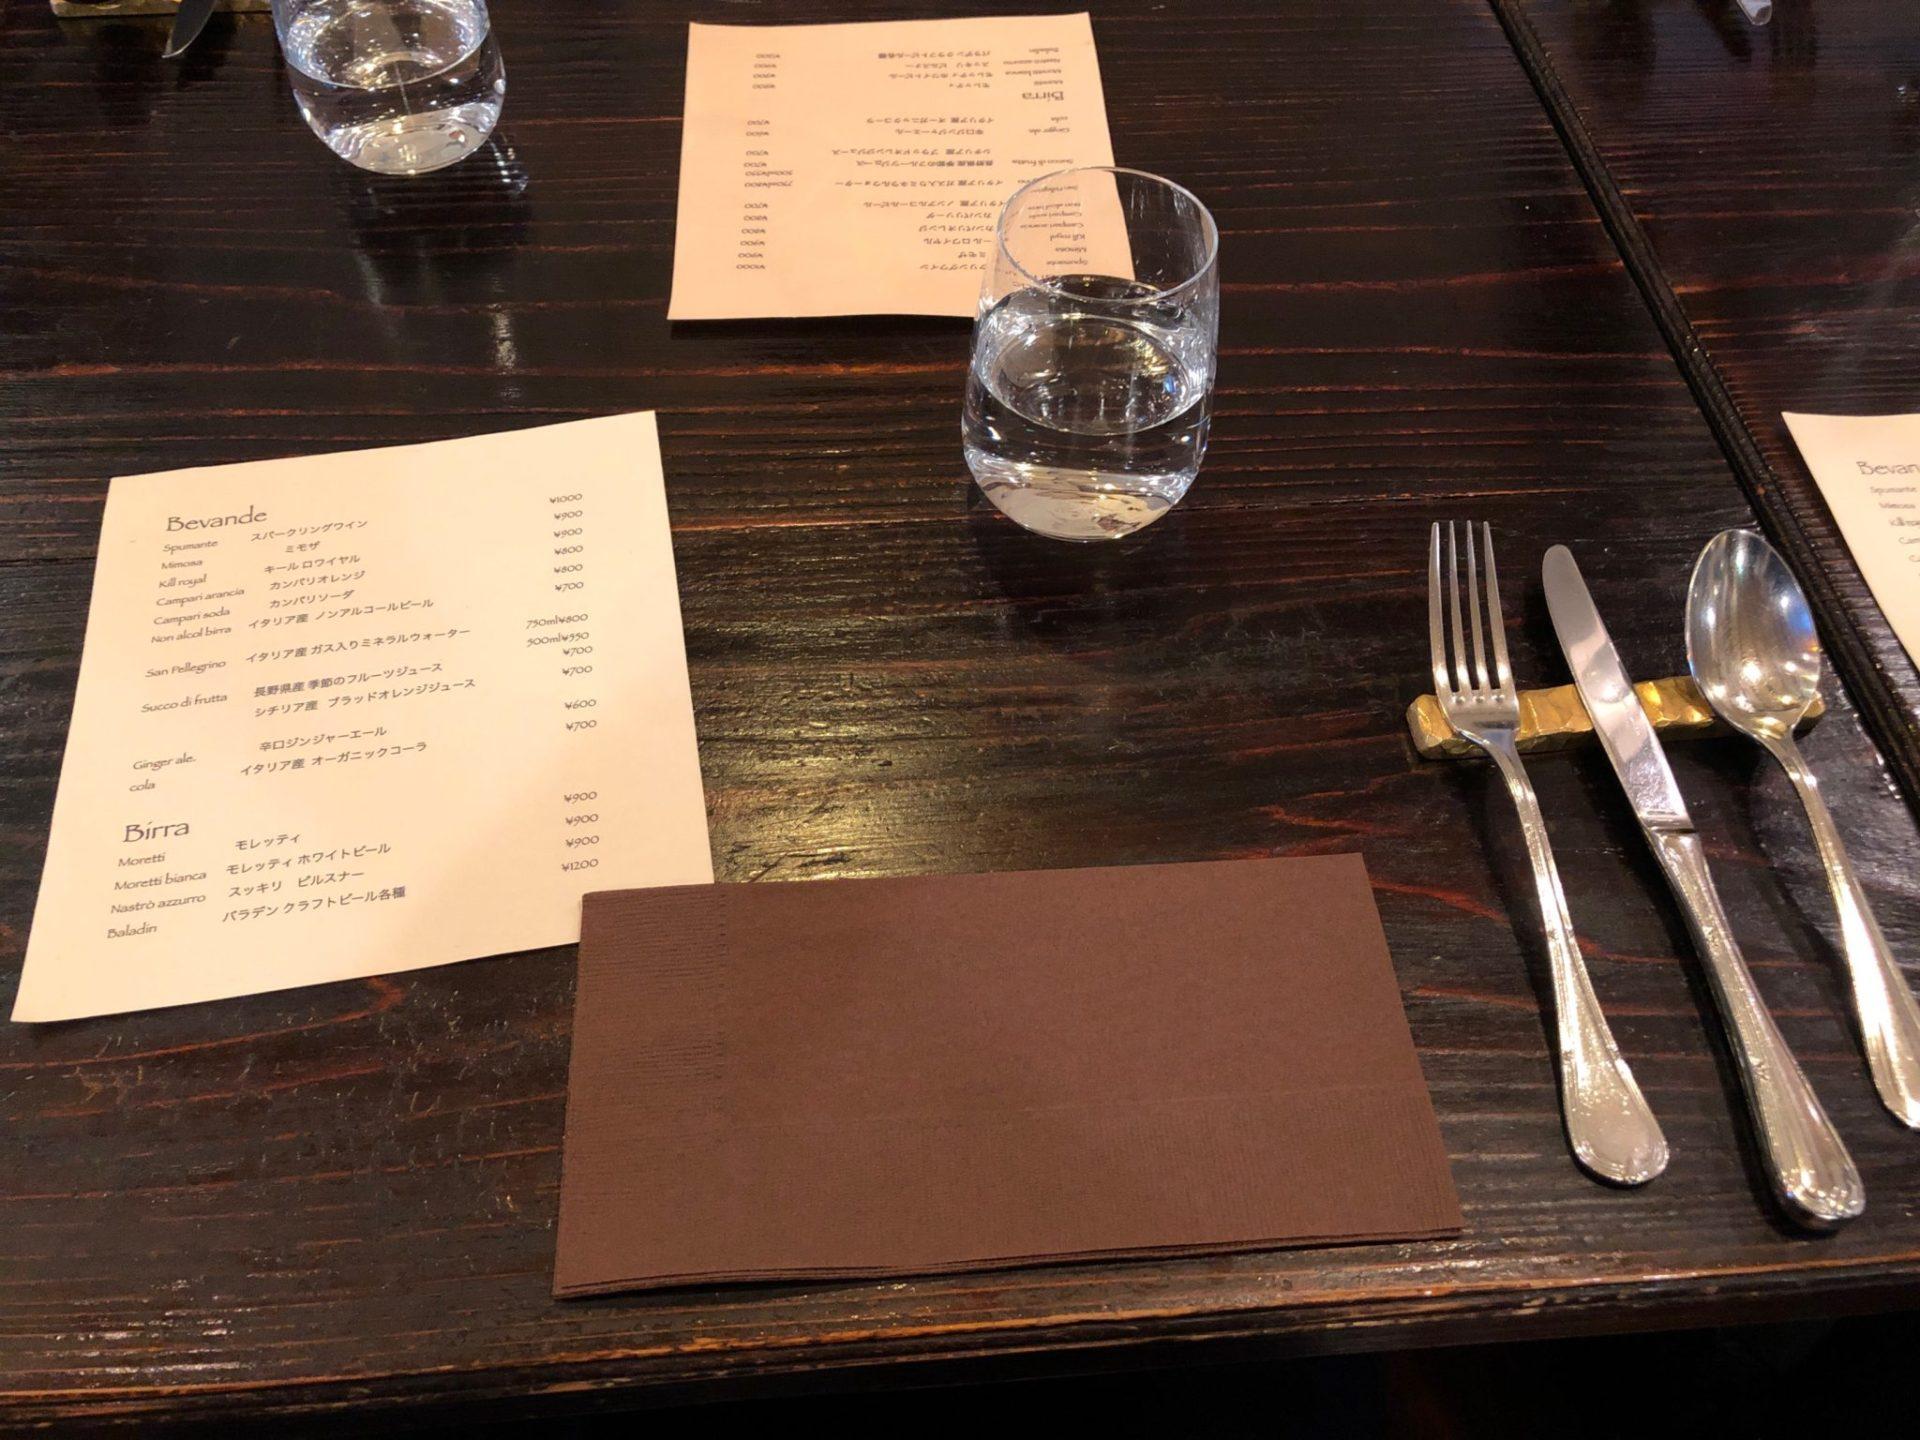 ズッペリア オステリア ピティリアーノ 祖師谷のテーブルセット